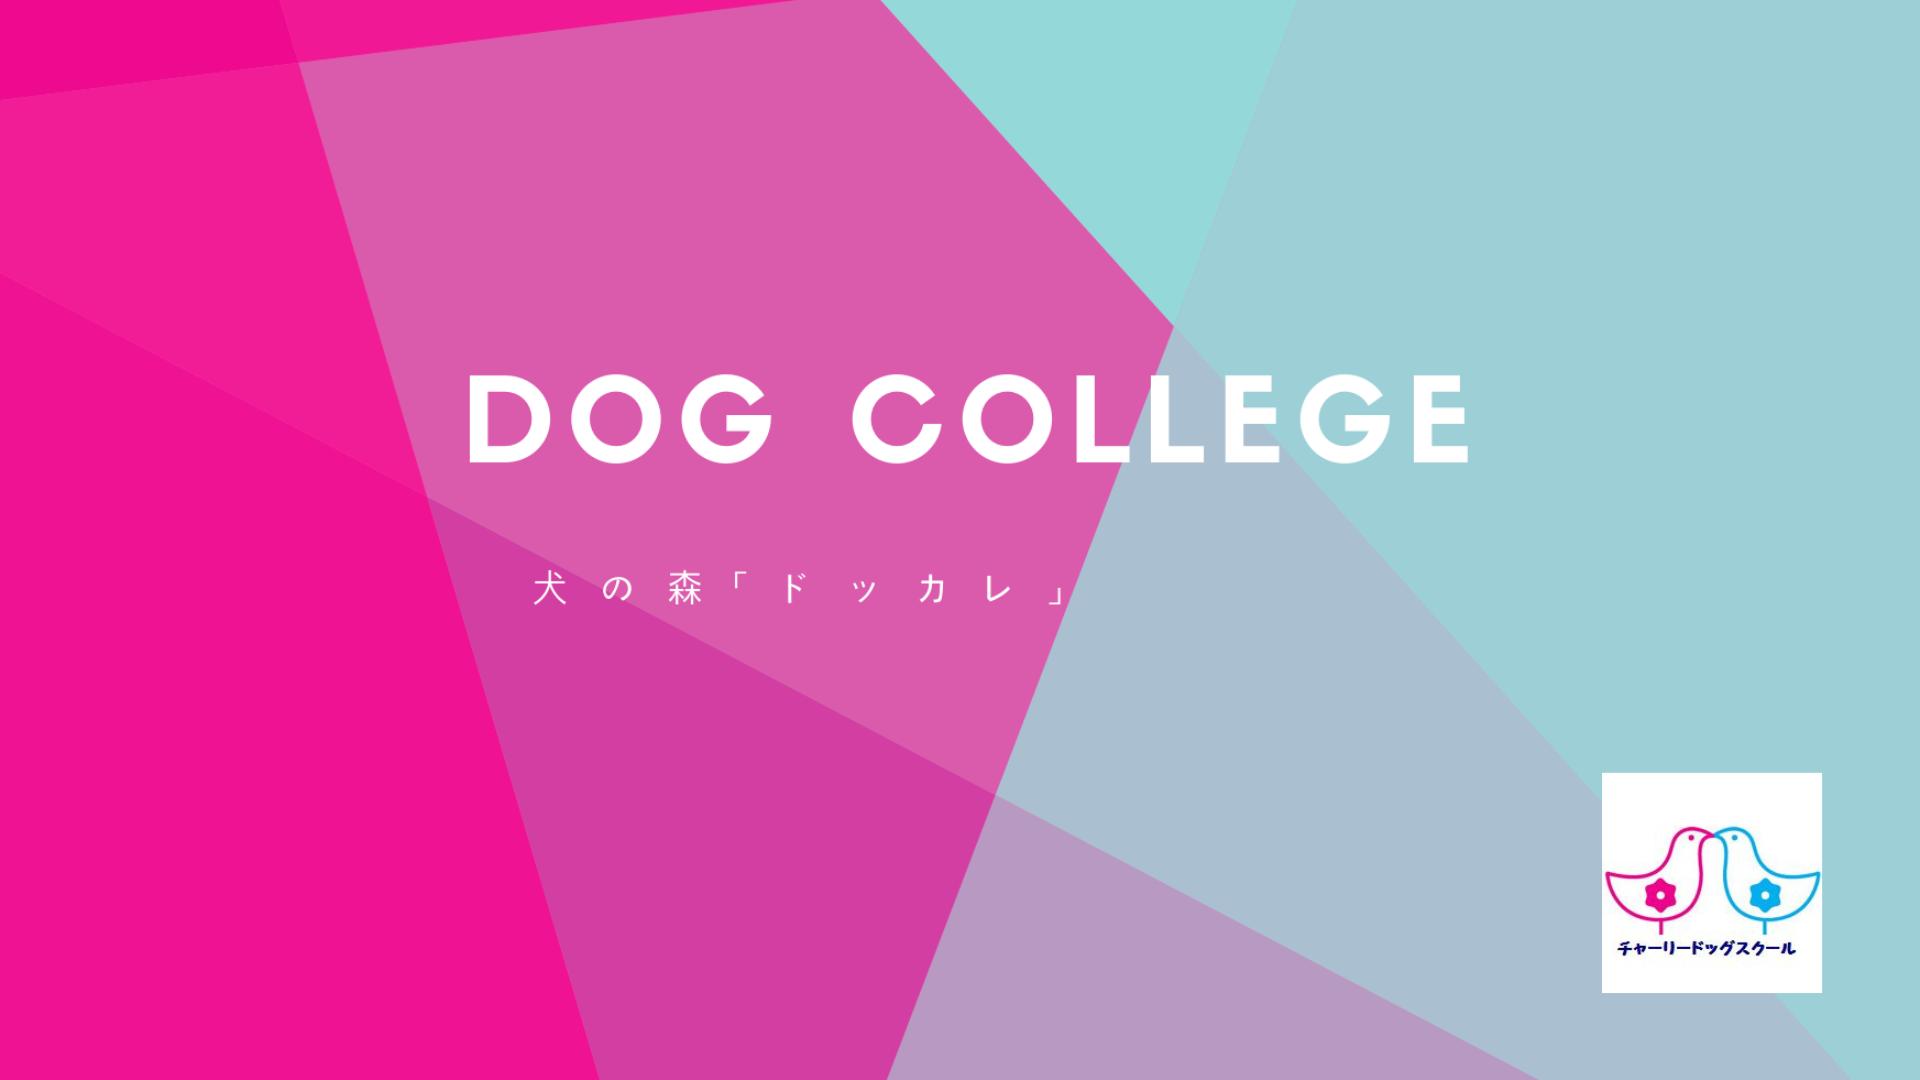 ドッグカレッジ 犬の森「ドッカレ」